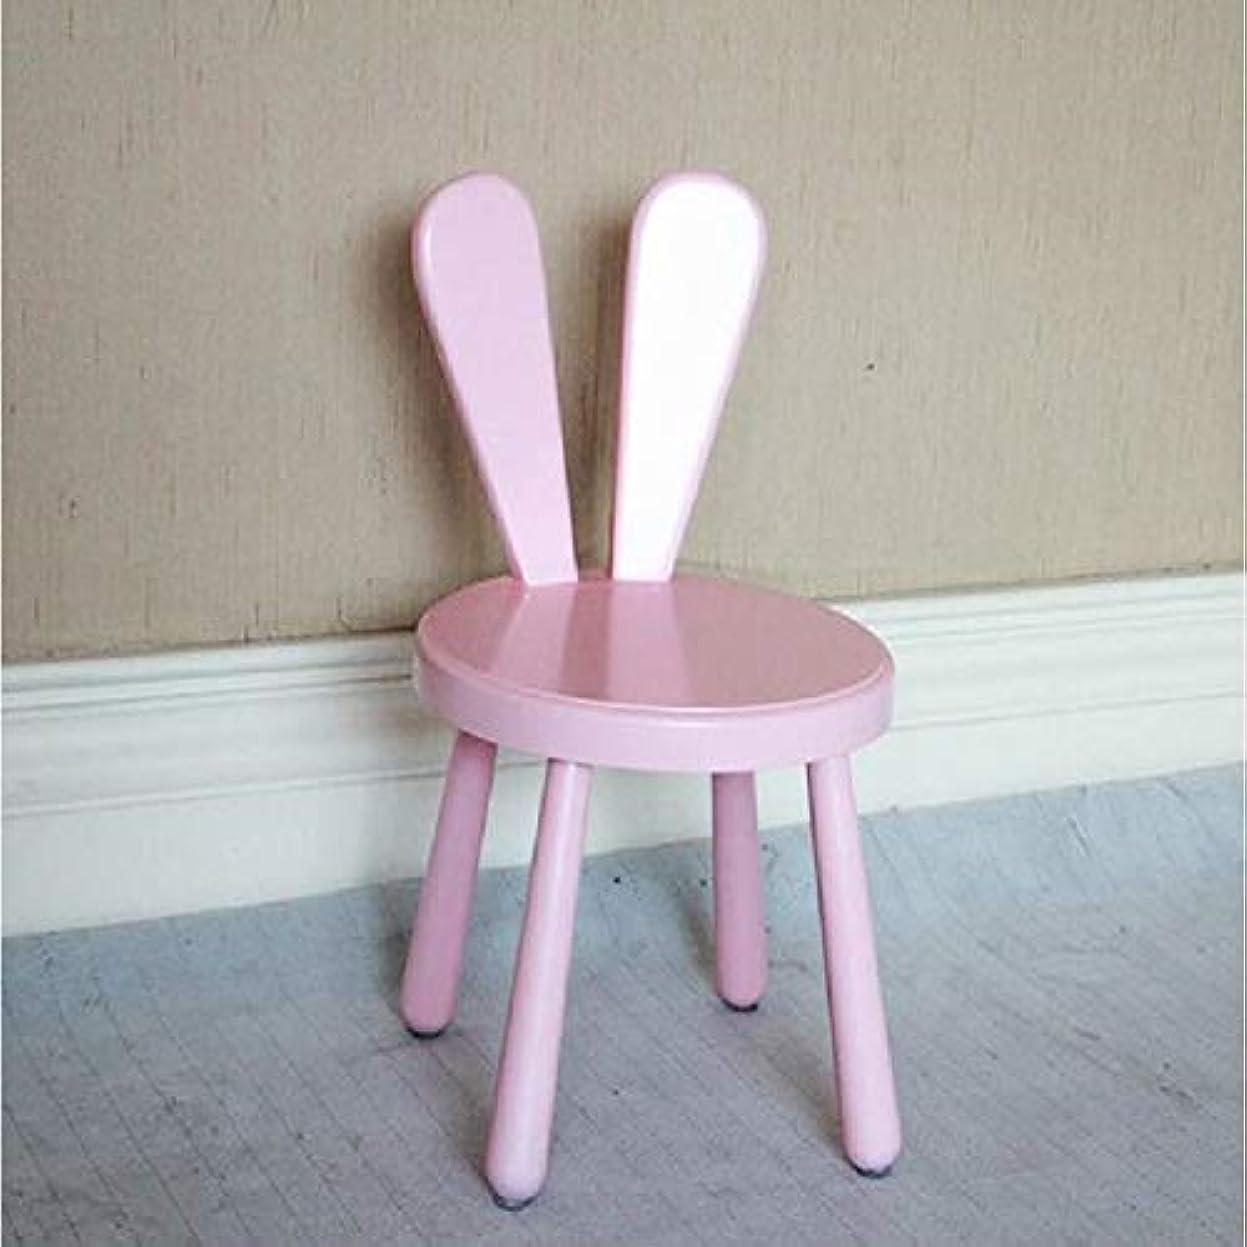 ゴールドアンタゴニスト剪断YZshell クリエイティブ幼稚園子供純木小さなベンチ背もたれかわいいスツール 用 (色 : ピンク)